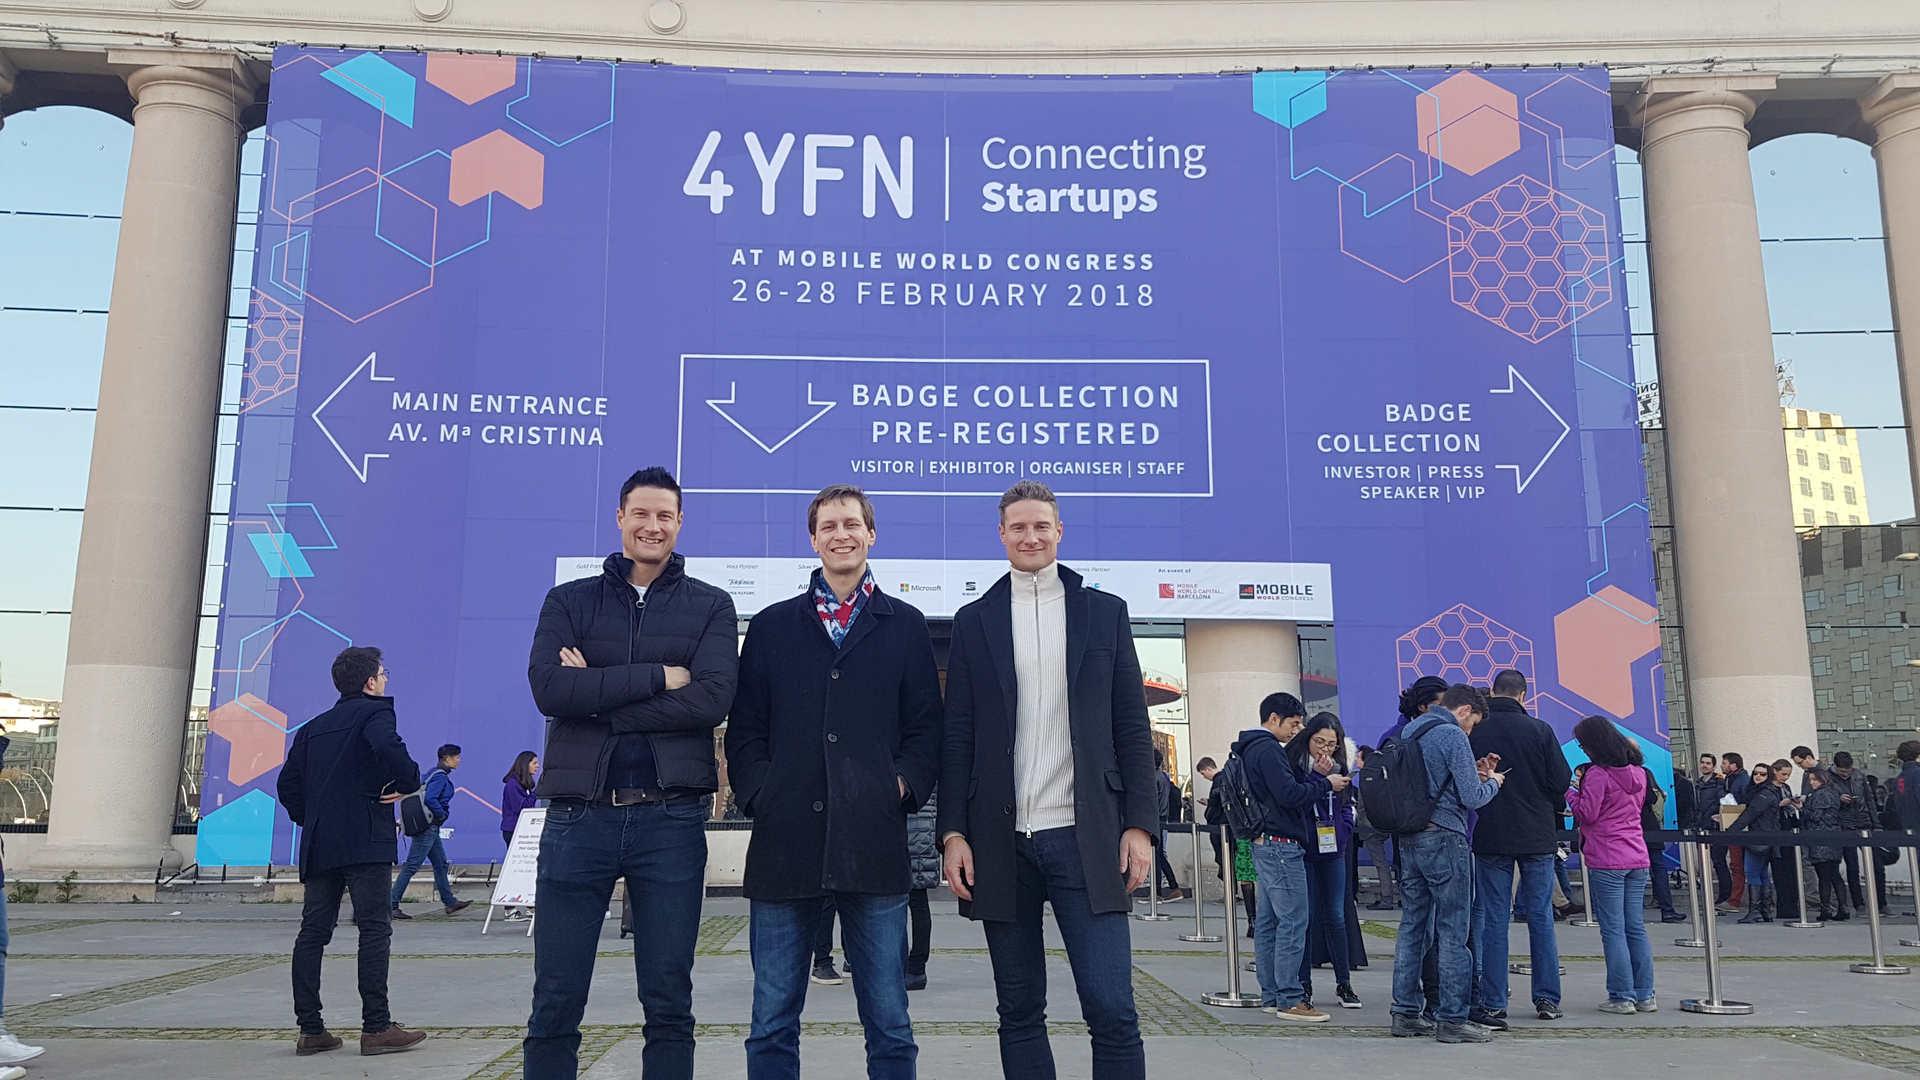 4YFN Conference in Barcelona Feb 2018. From left: Tero Seppala, Juha Uotila and Jere Seppala